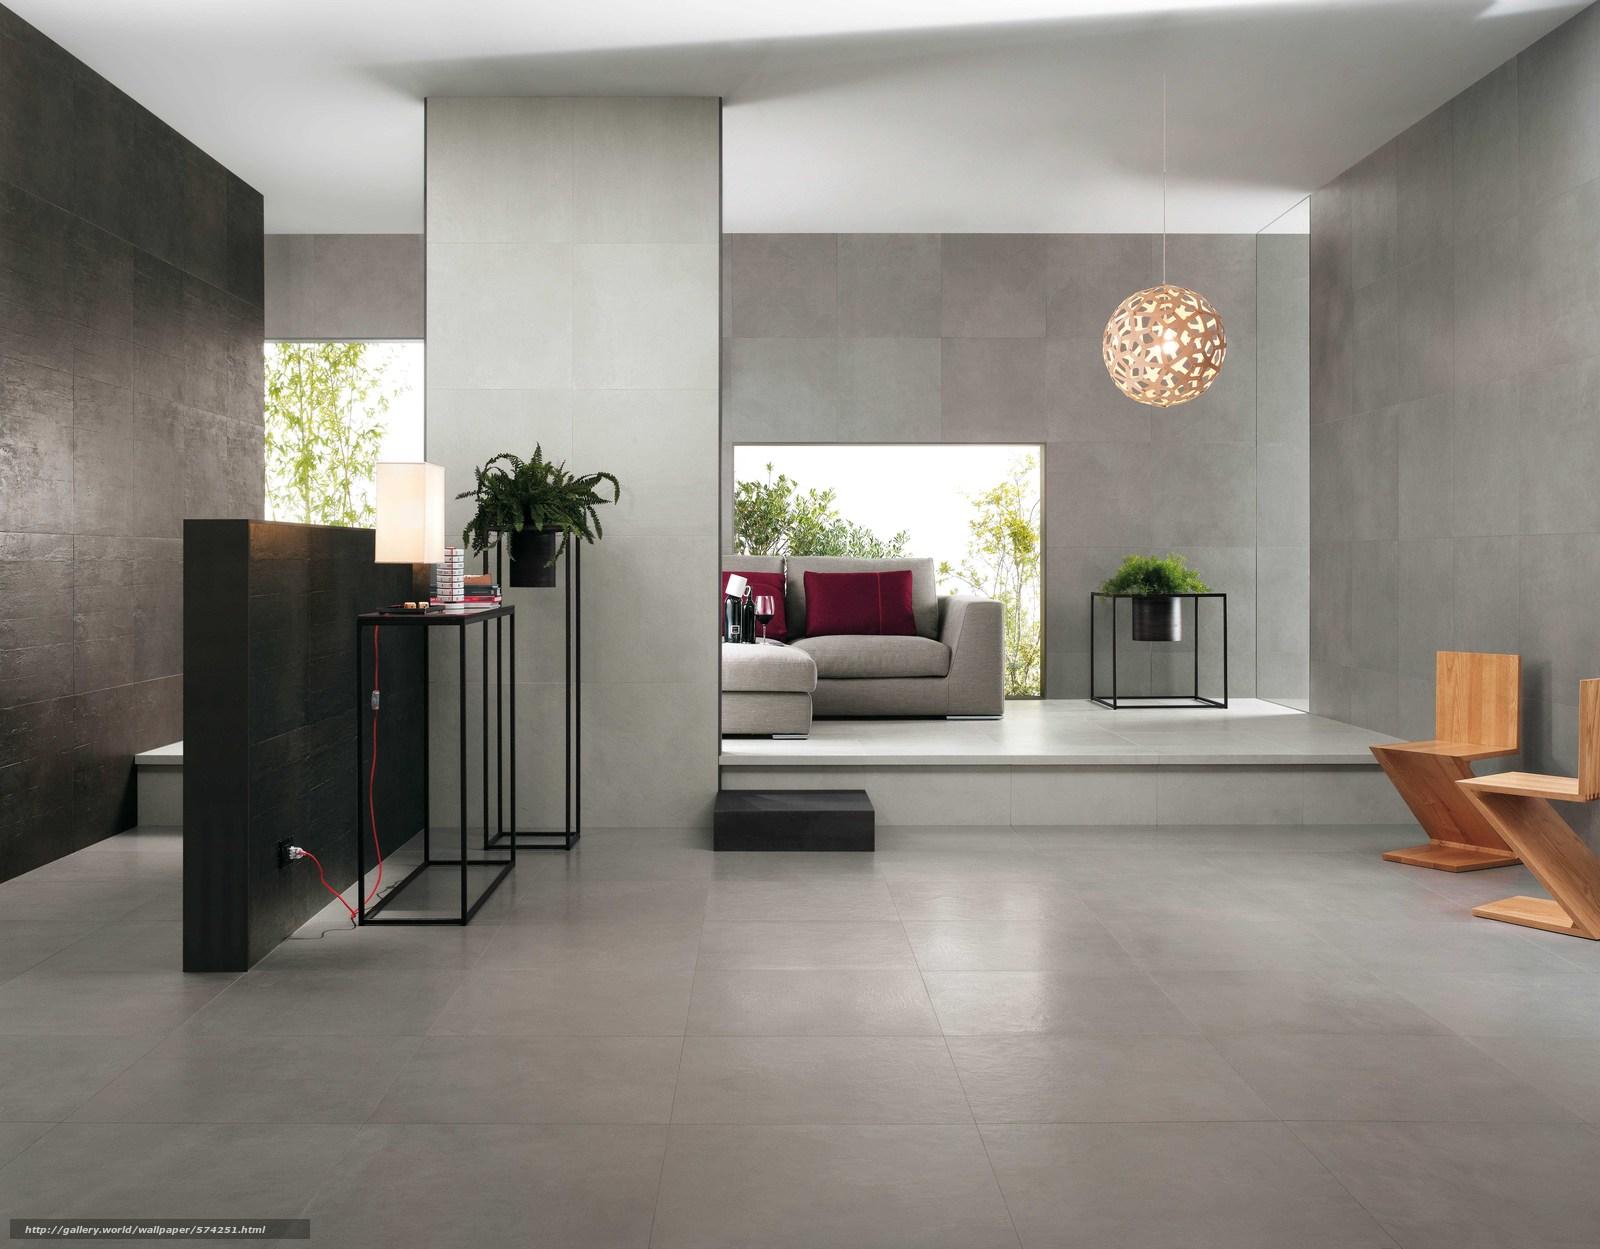 Download Hintergrund Villa, Innenraum, Stil, Zuhause Freie ...